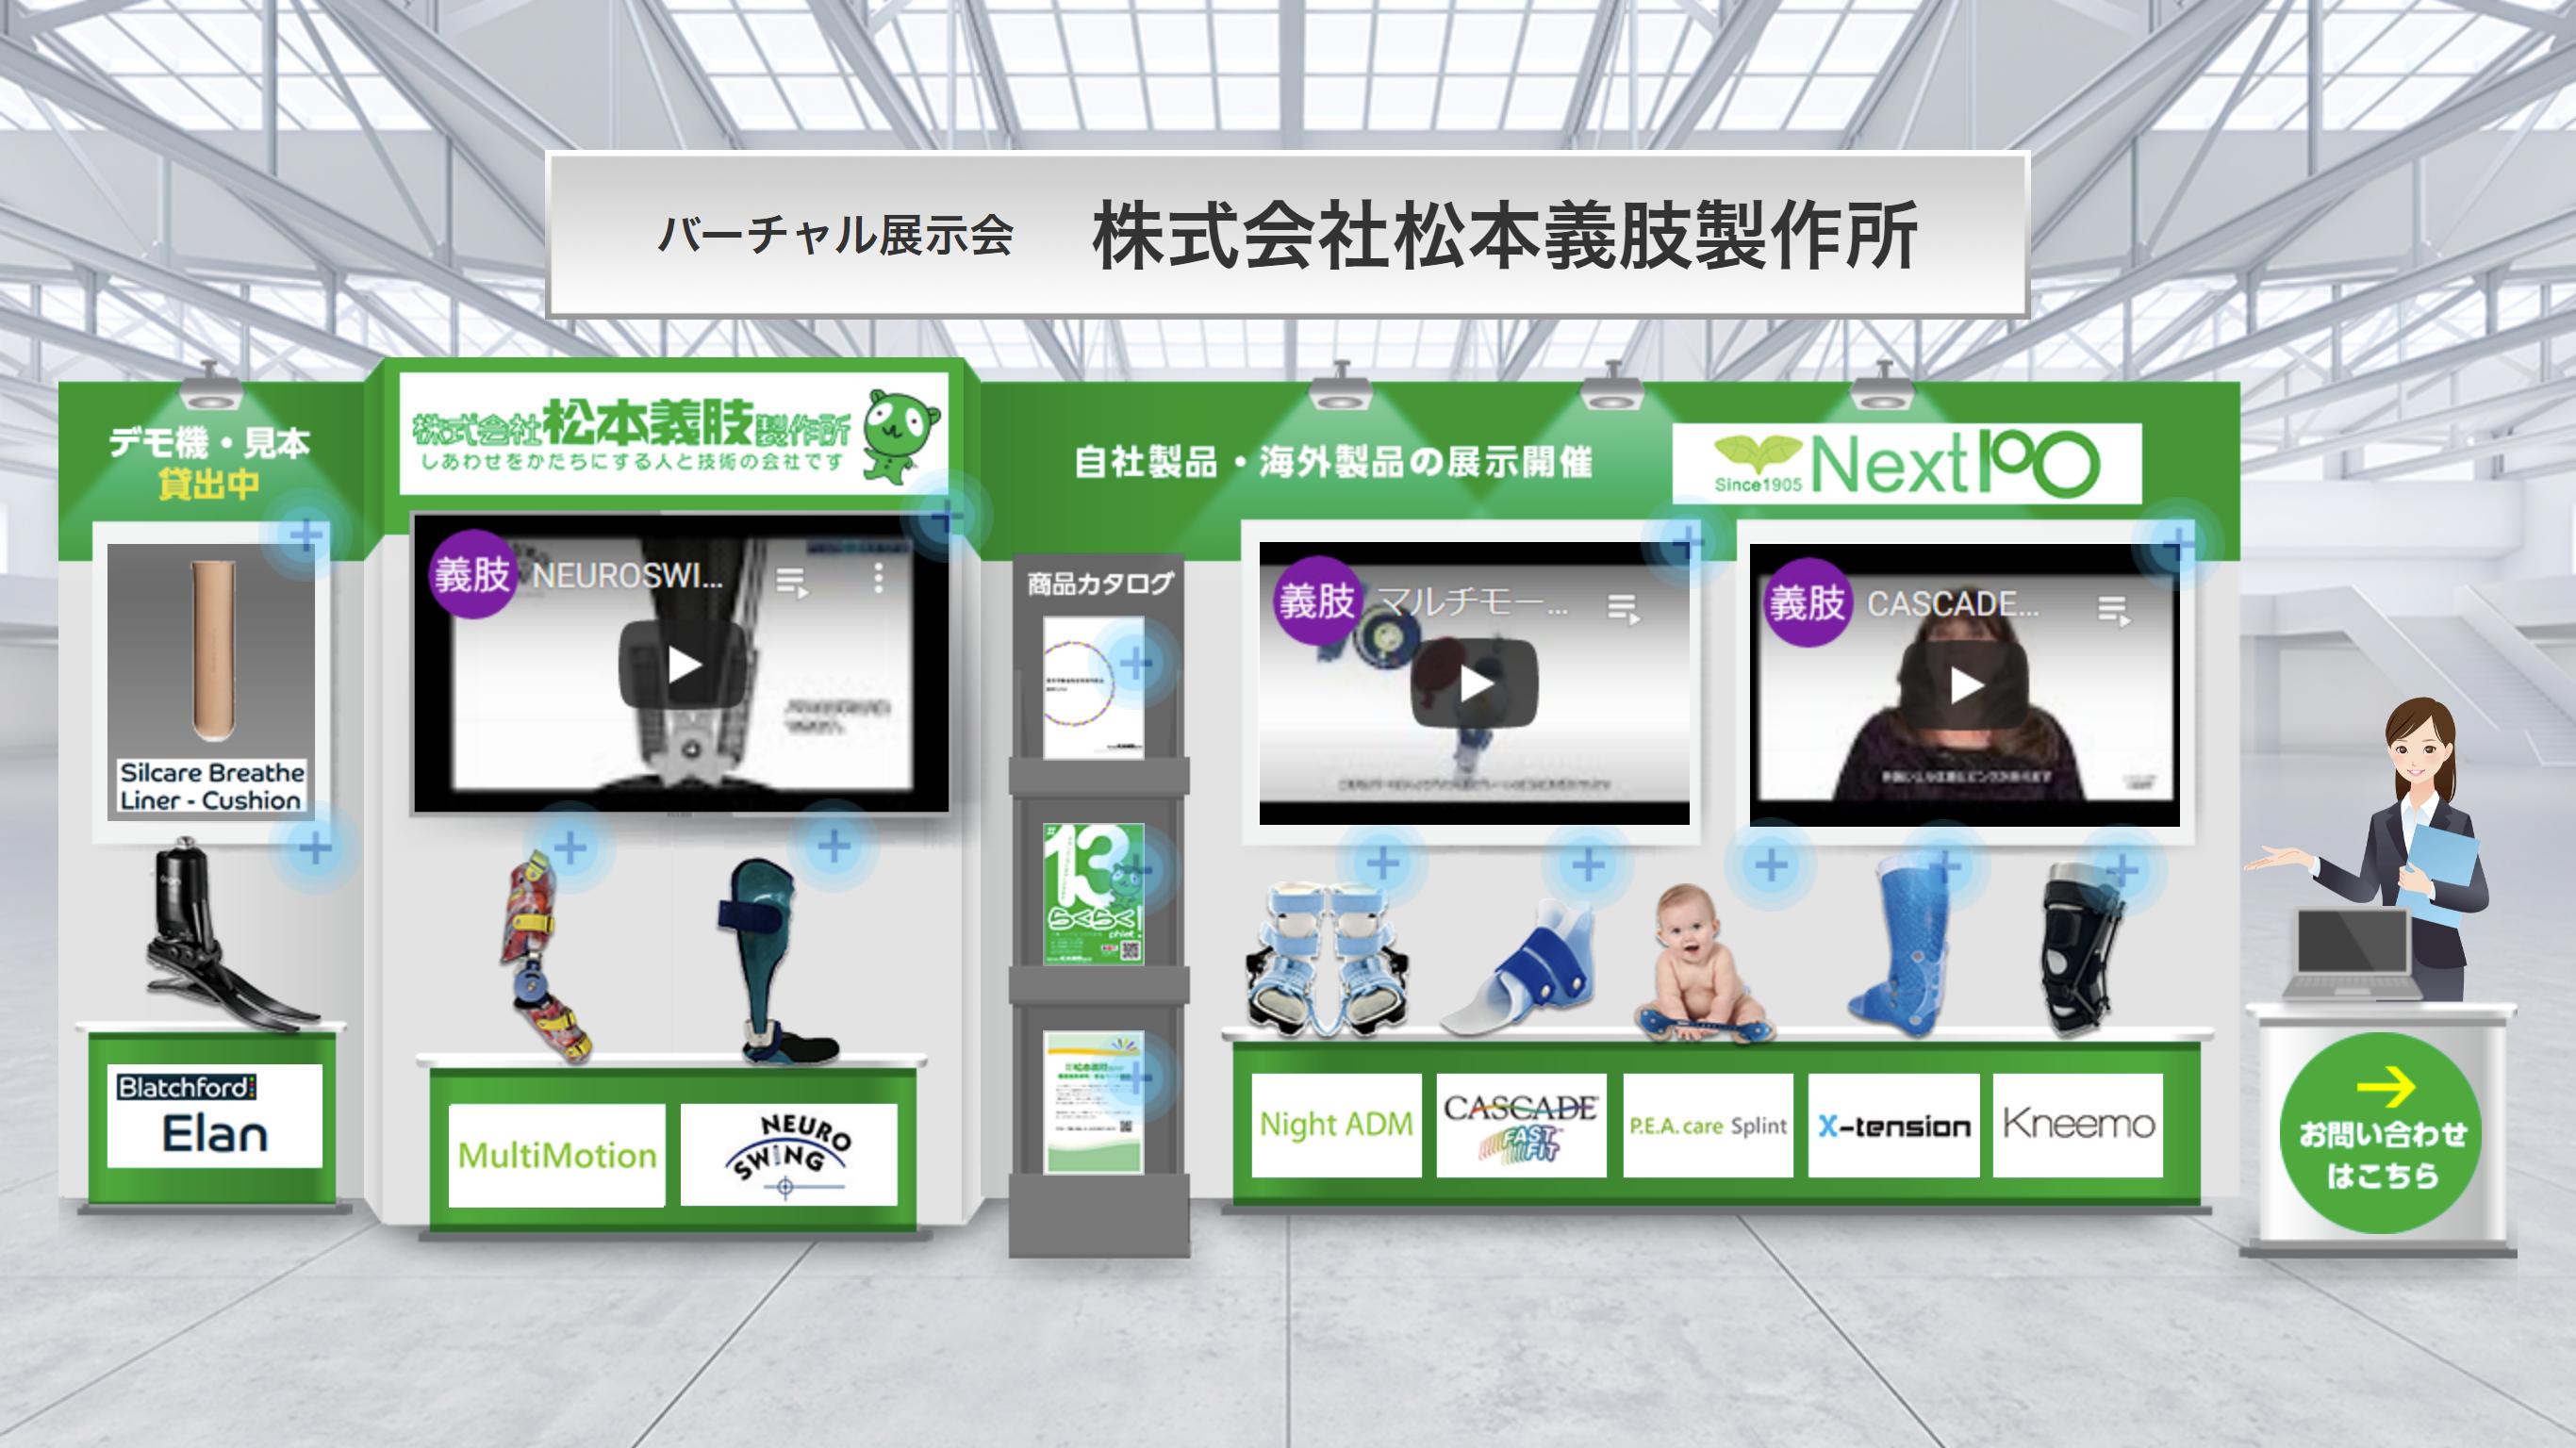 株式会社松本義肢製作所バーチャル展示